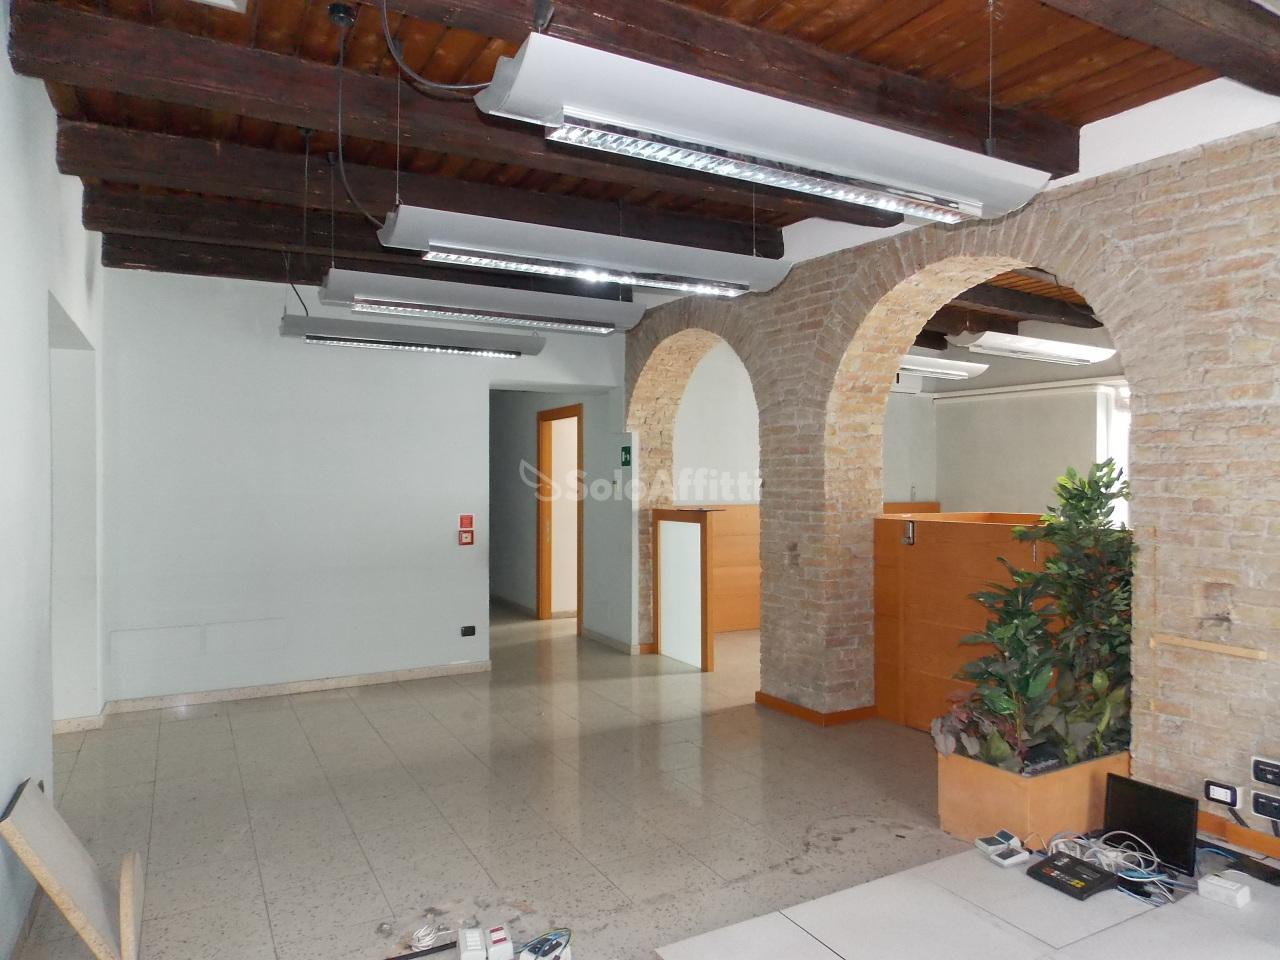 Fondo/negozio - 3 vetrine/luci a Centro storico, Catanzaro Rif. 4133825